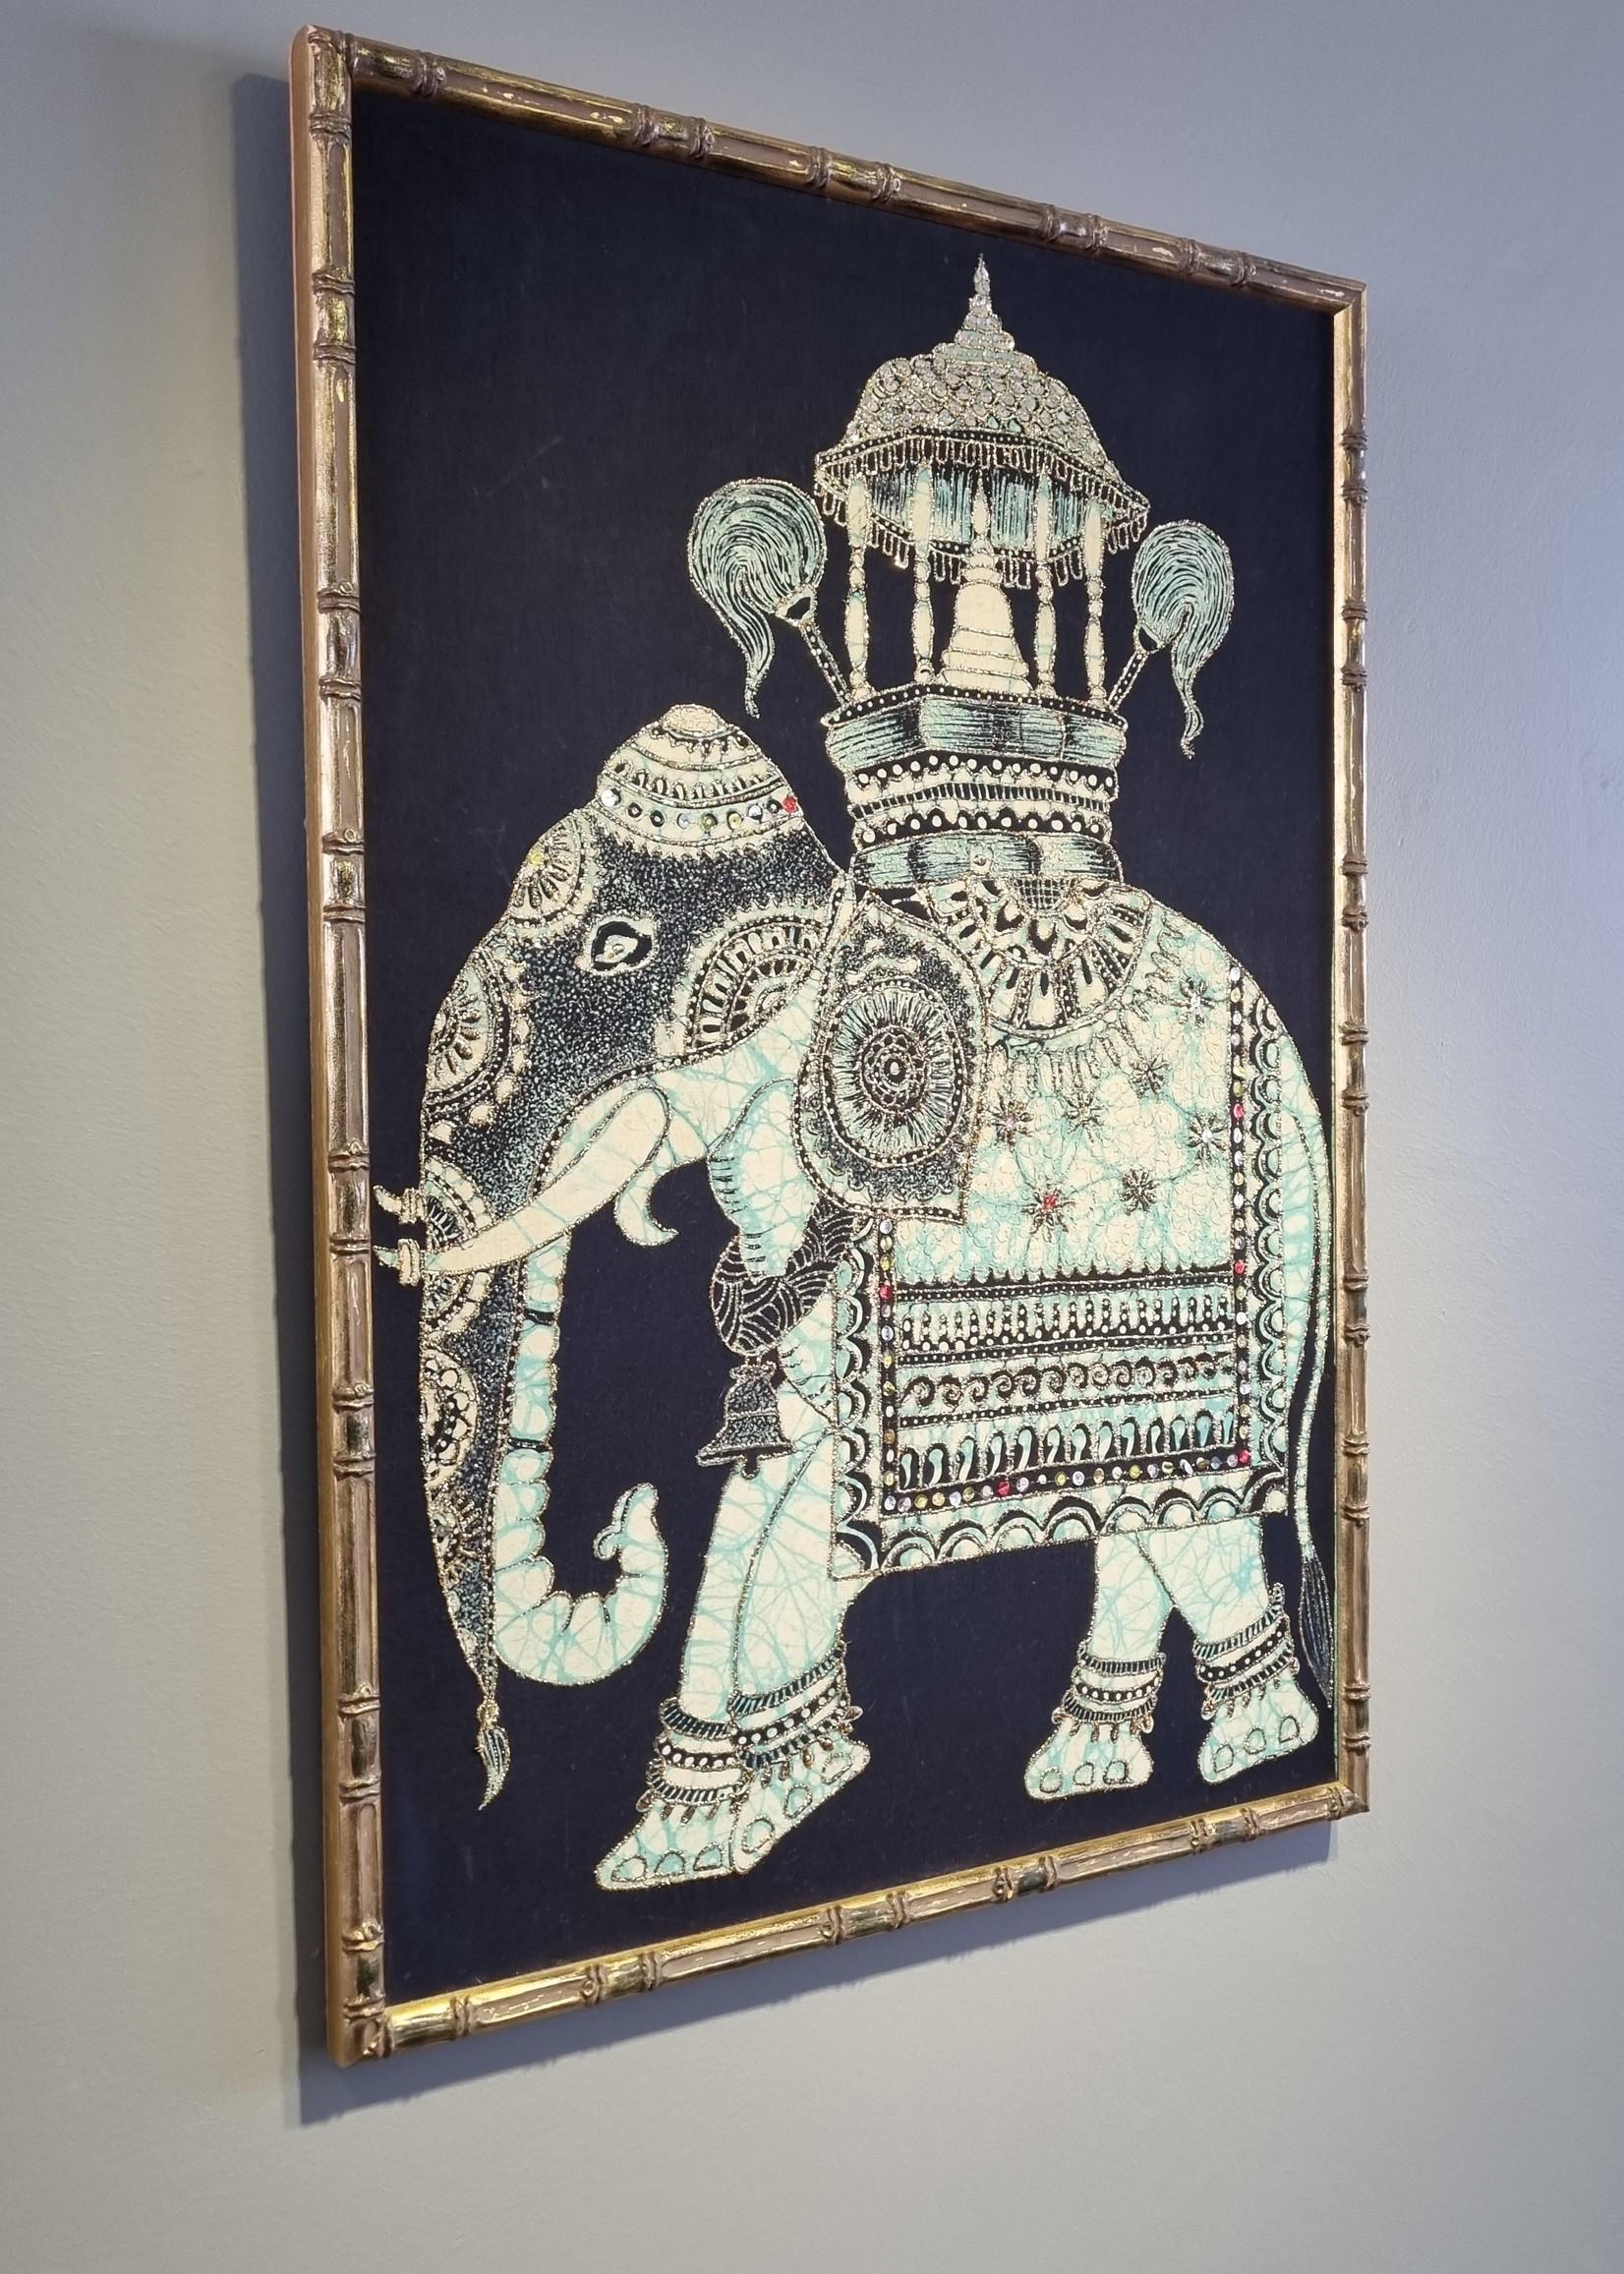 Vintage wanddecoratie met batik,  olifant motief